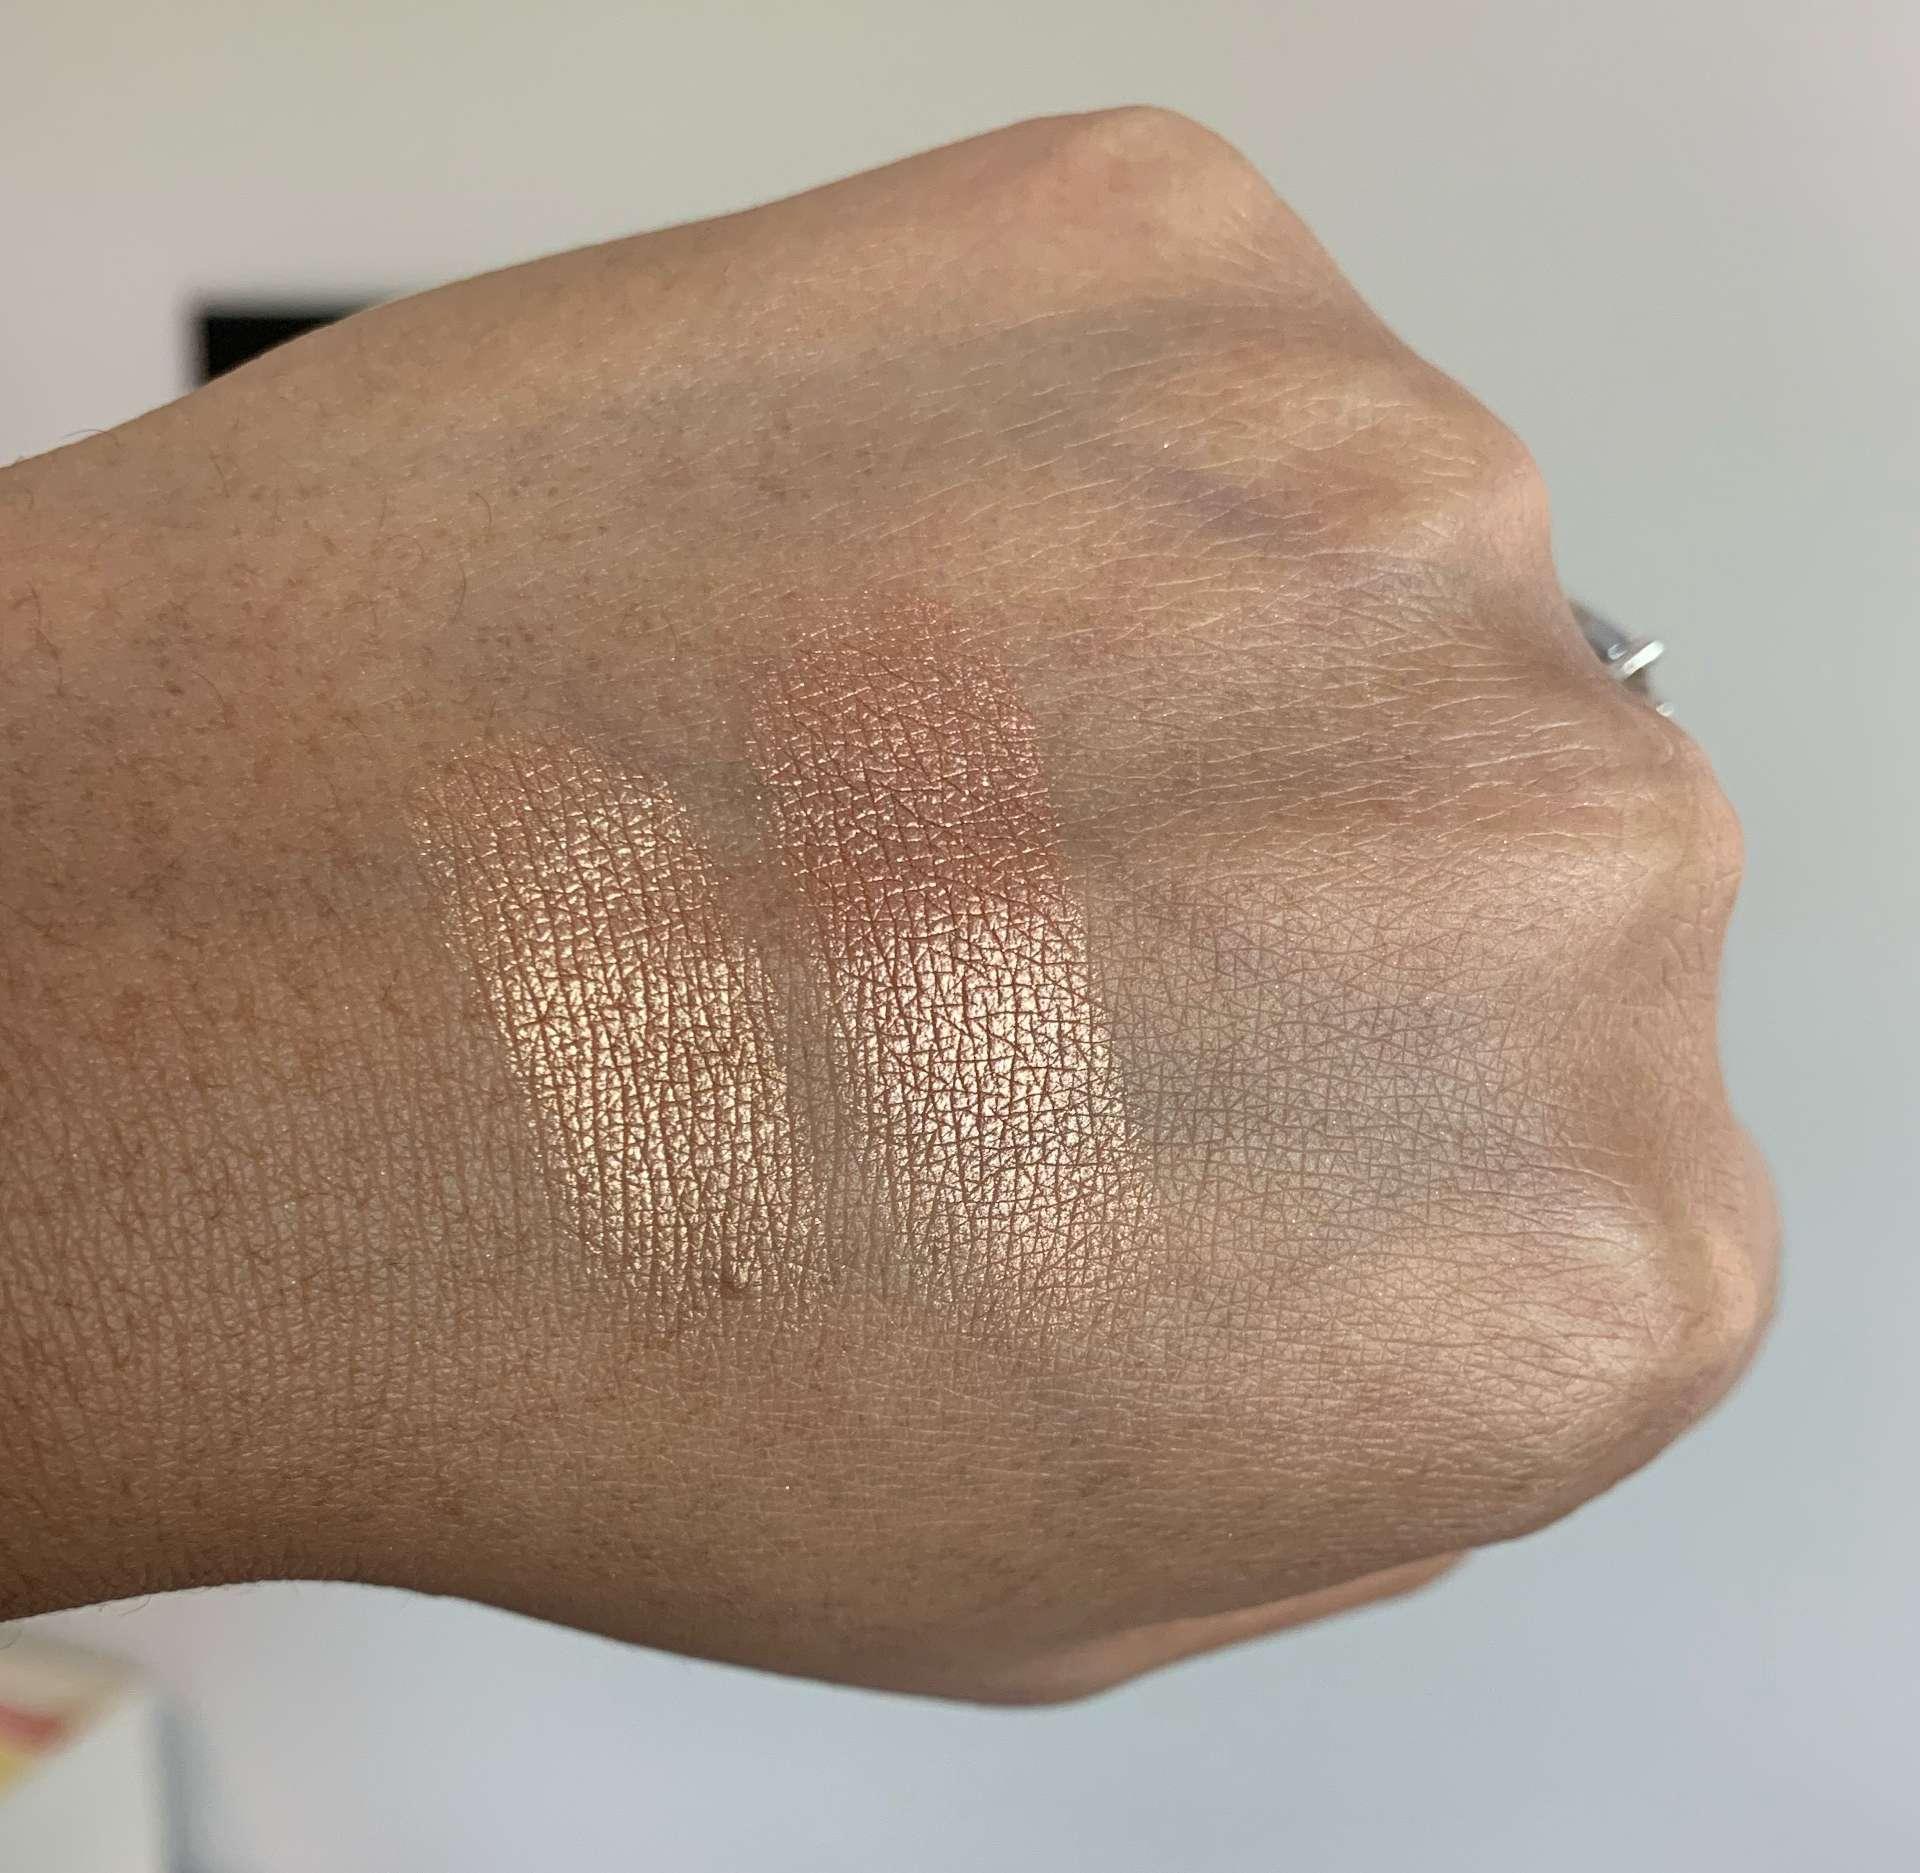 Makeup Geek Highlighters Sunlight and Firework Swatches dark skin